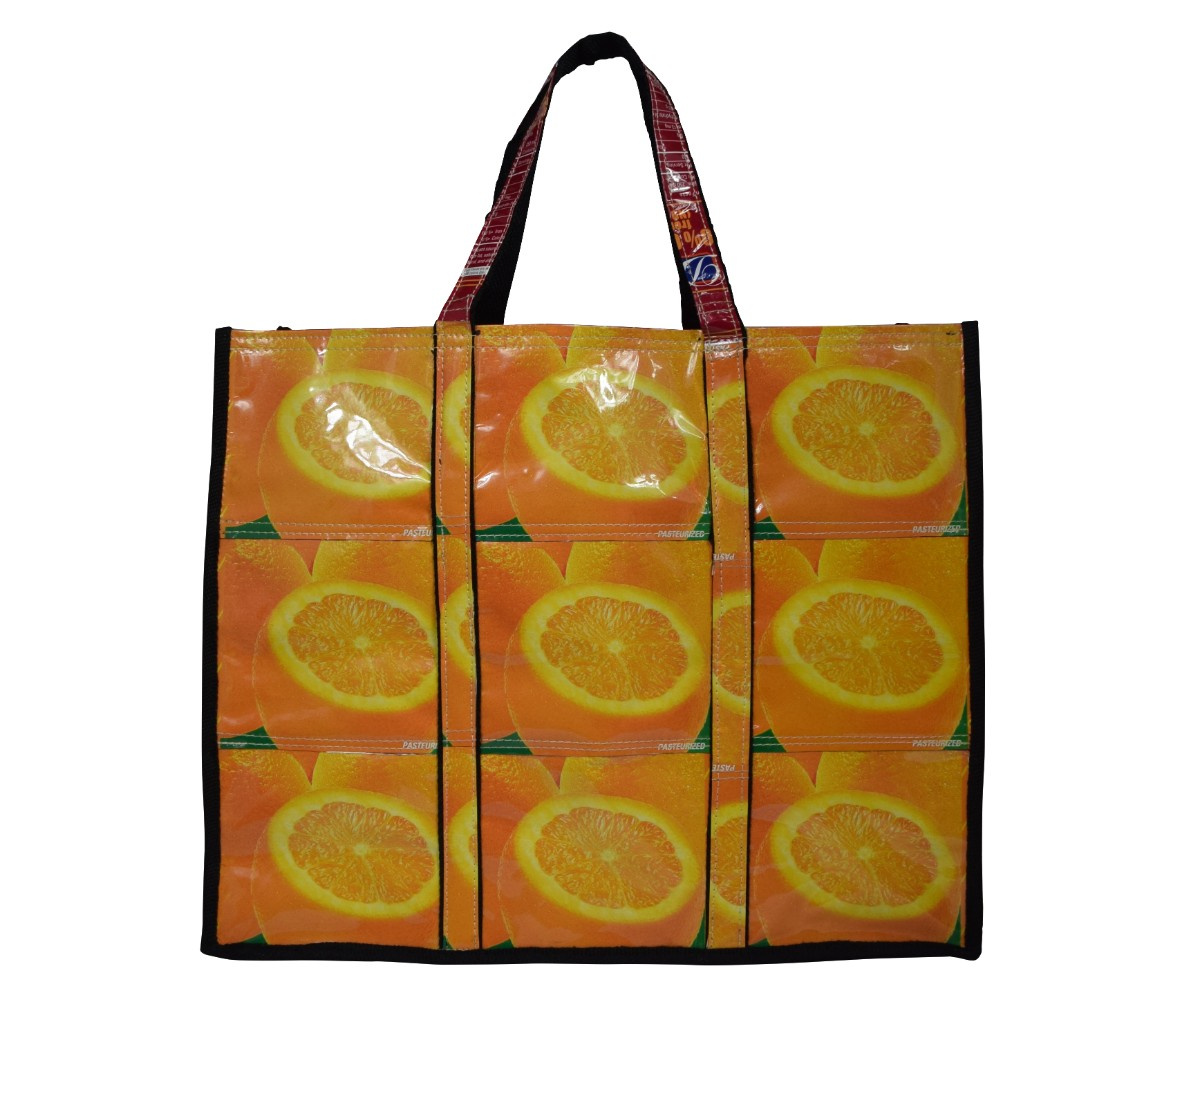 ジュースバッグ オレンジ